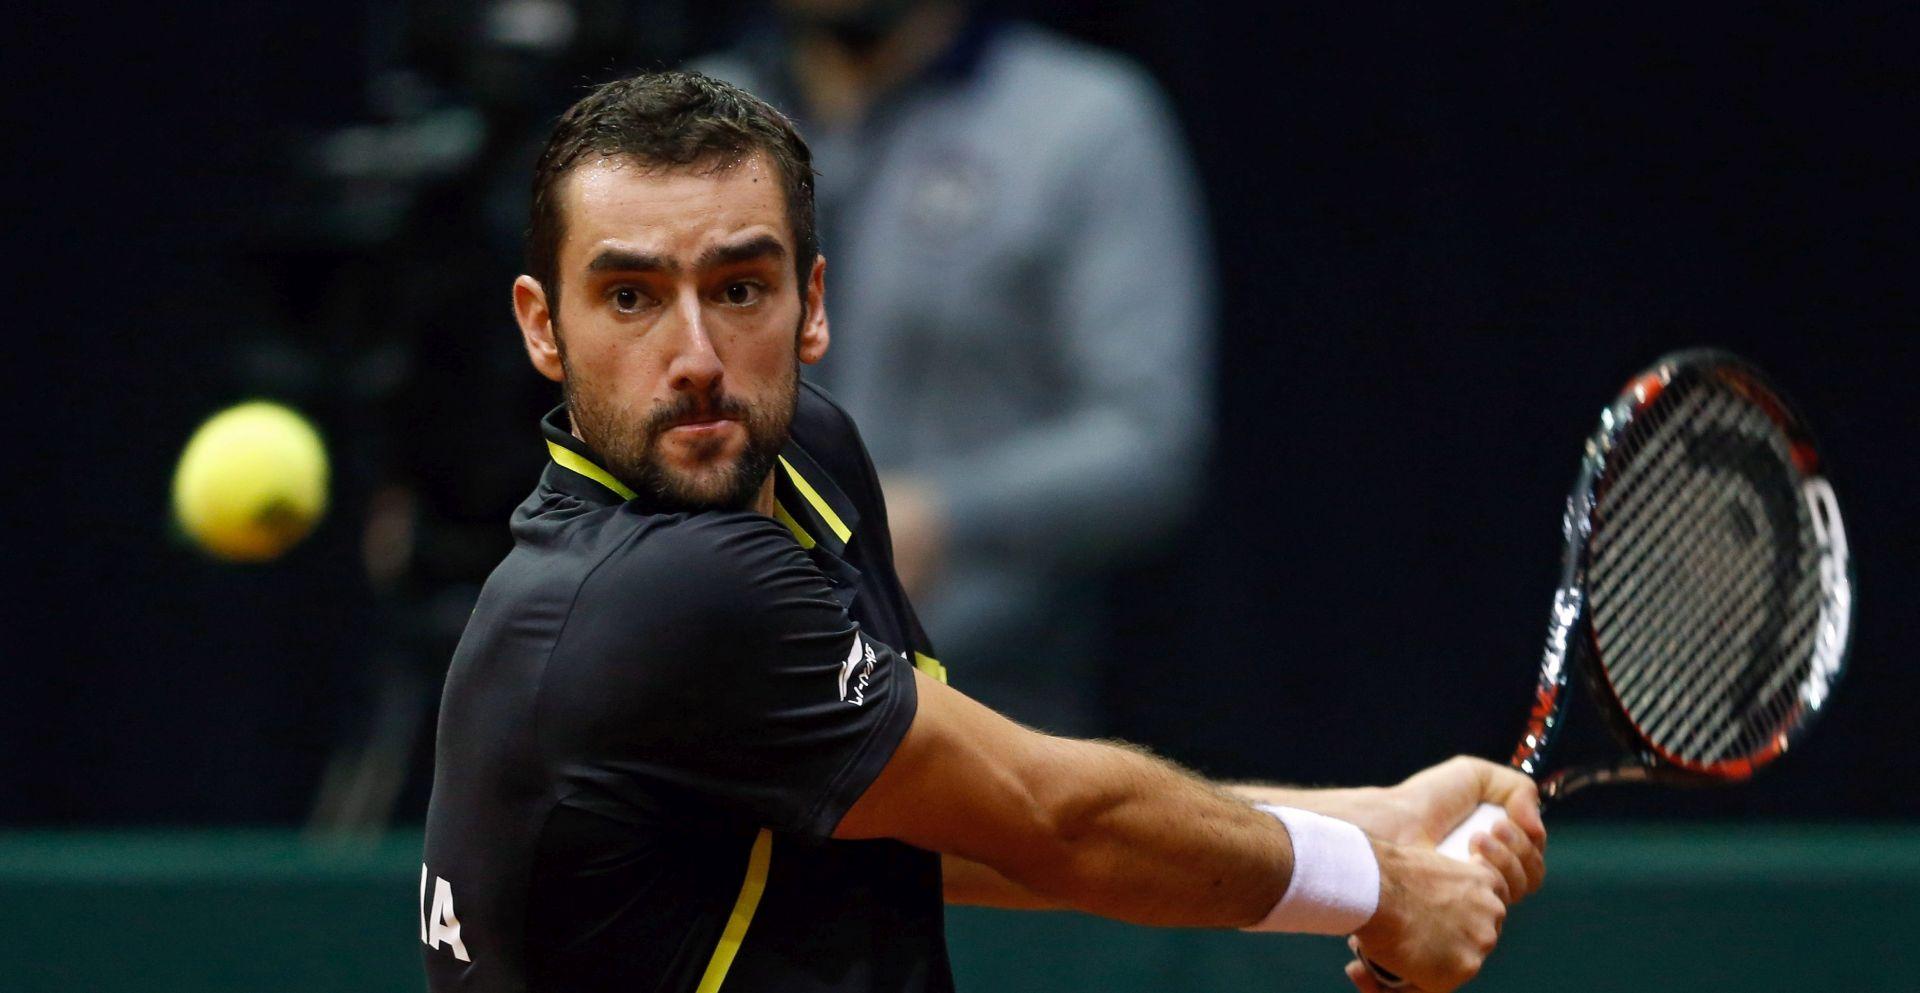 ATP LJESTVICA Bez promjena na vrhu, Čilić ostao 11.